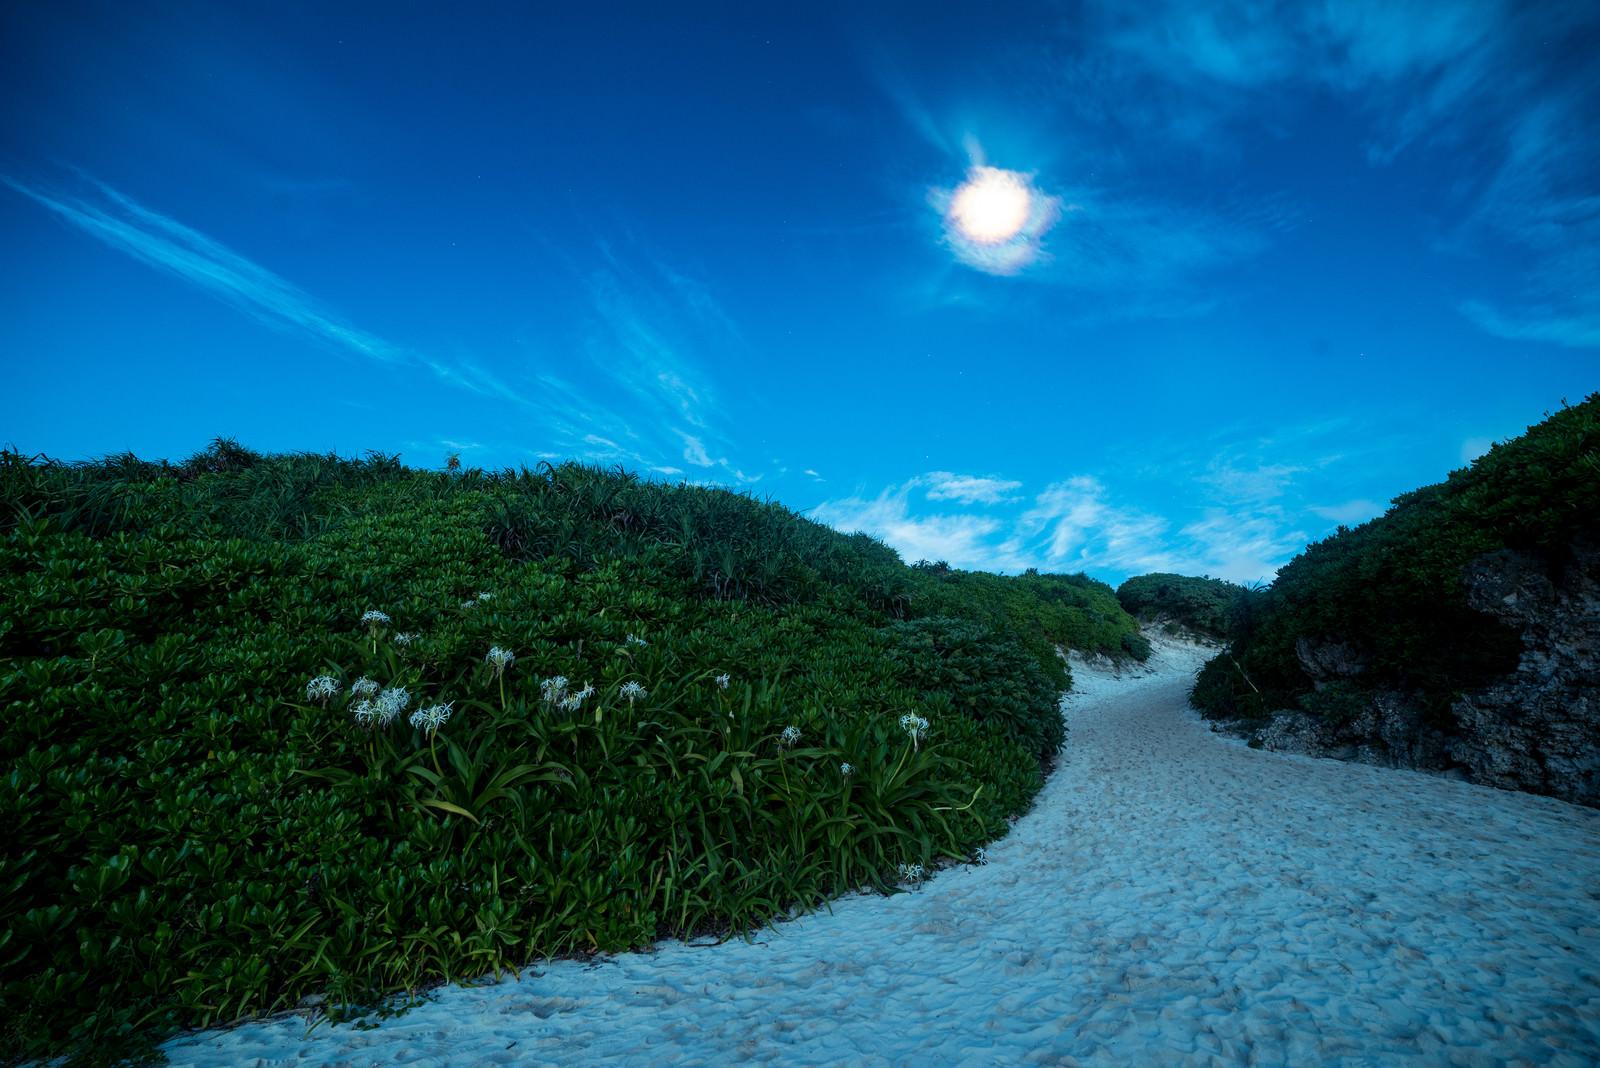 「砂山ビーチ(宮古島)の夜景砂山ビーチ(宮古島)の夜景」のフリー写真素材を拡大